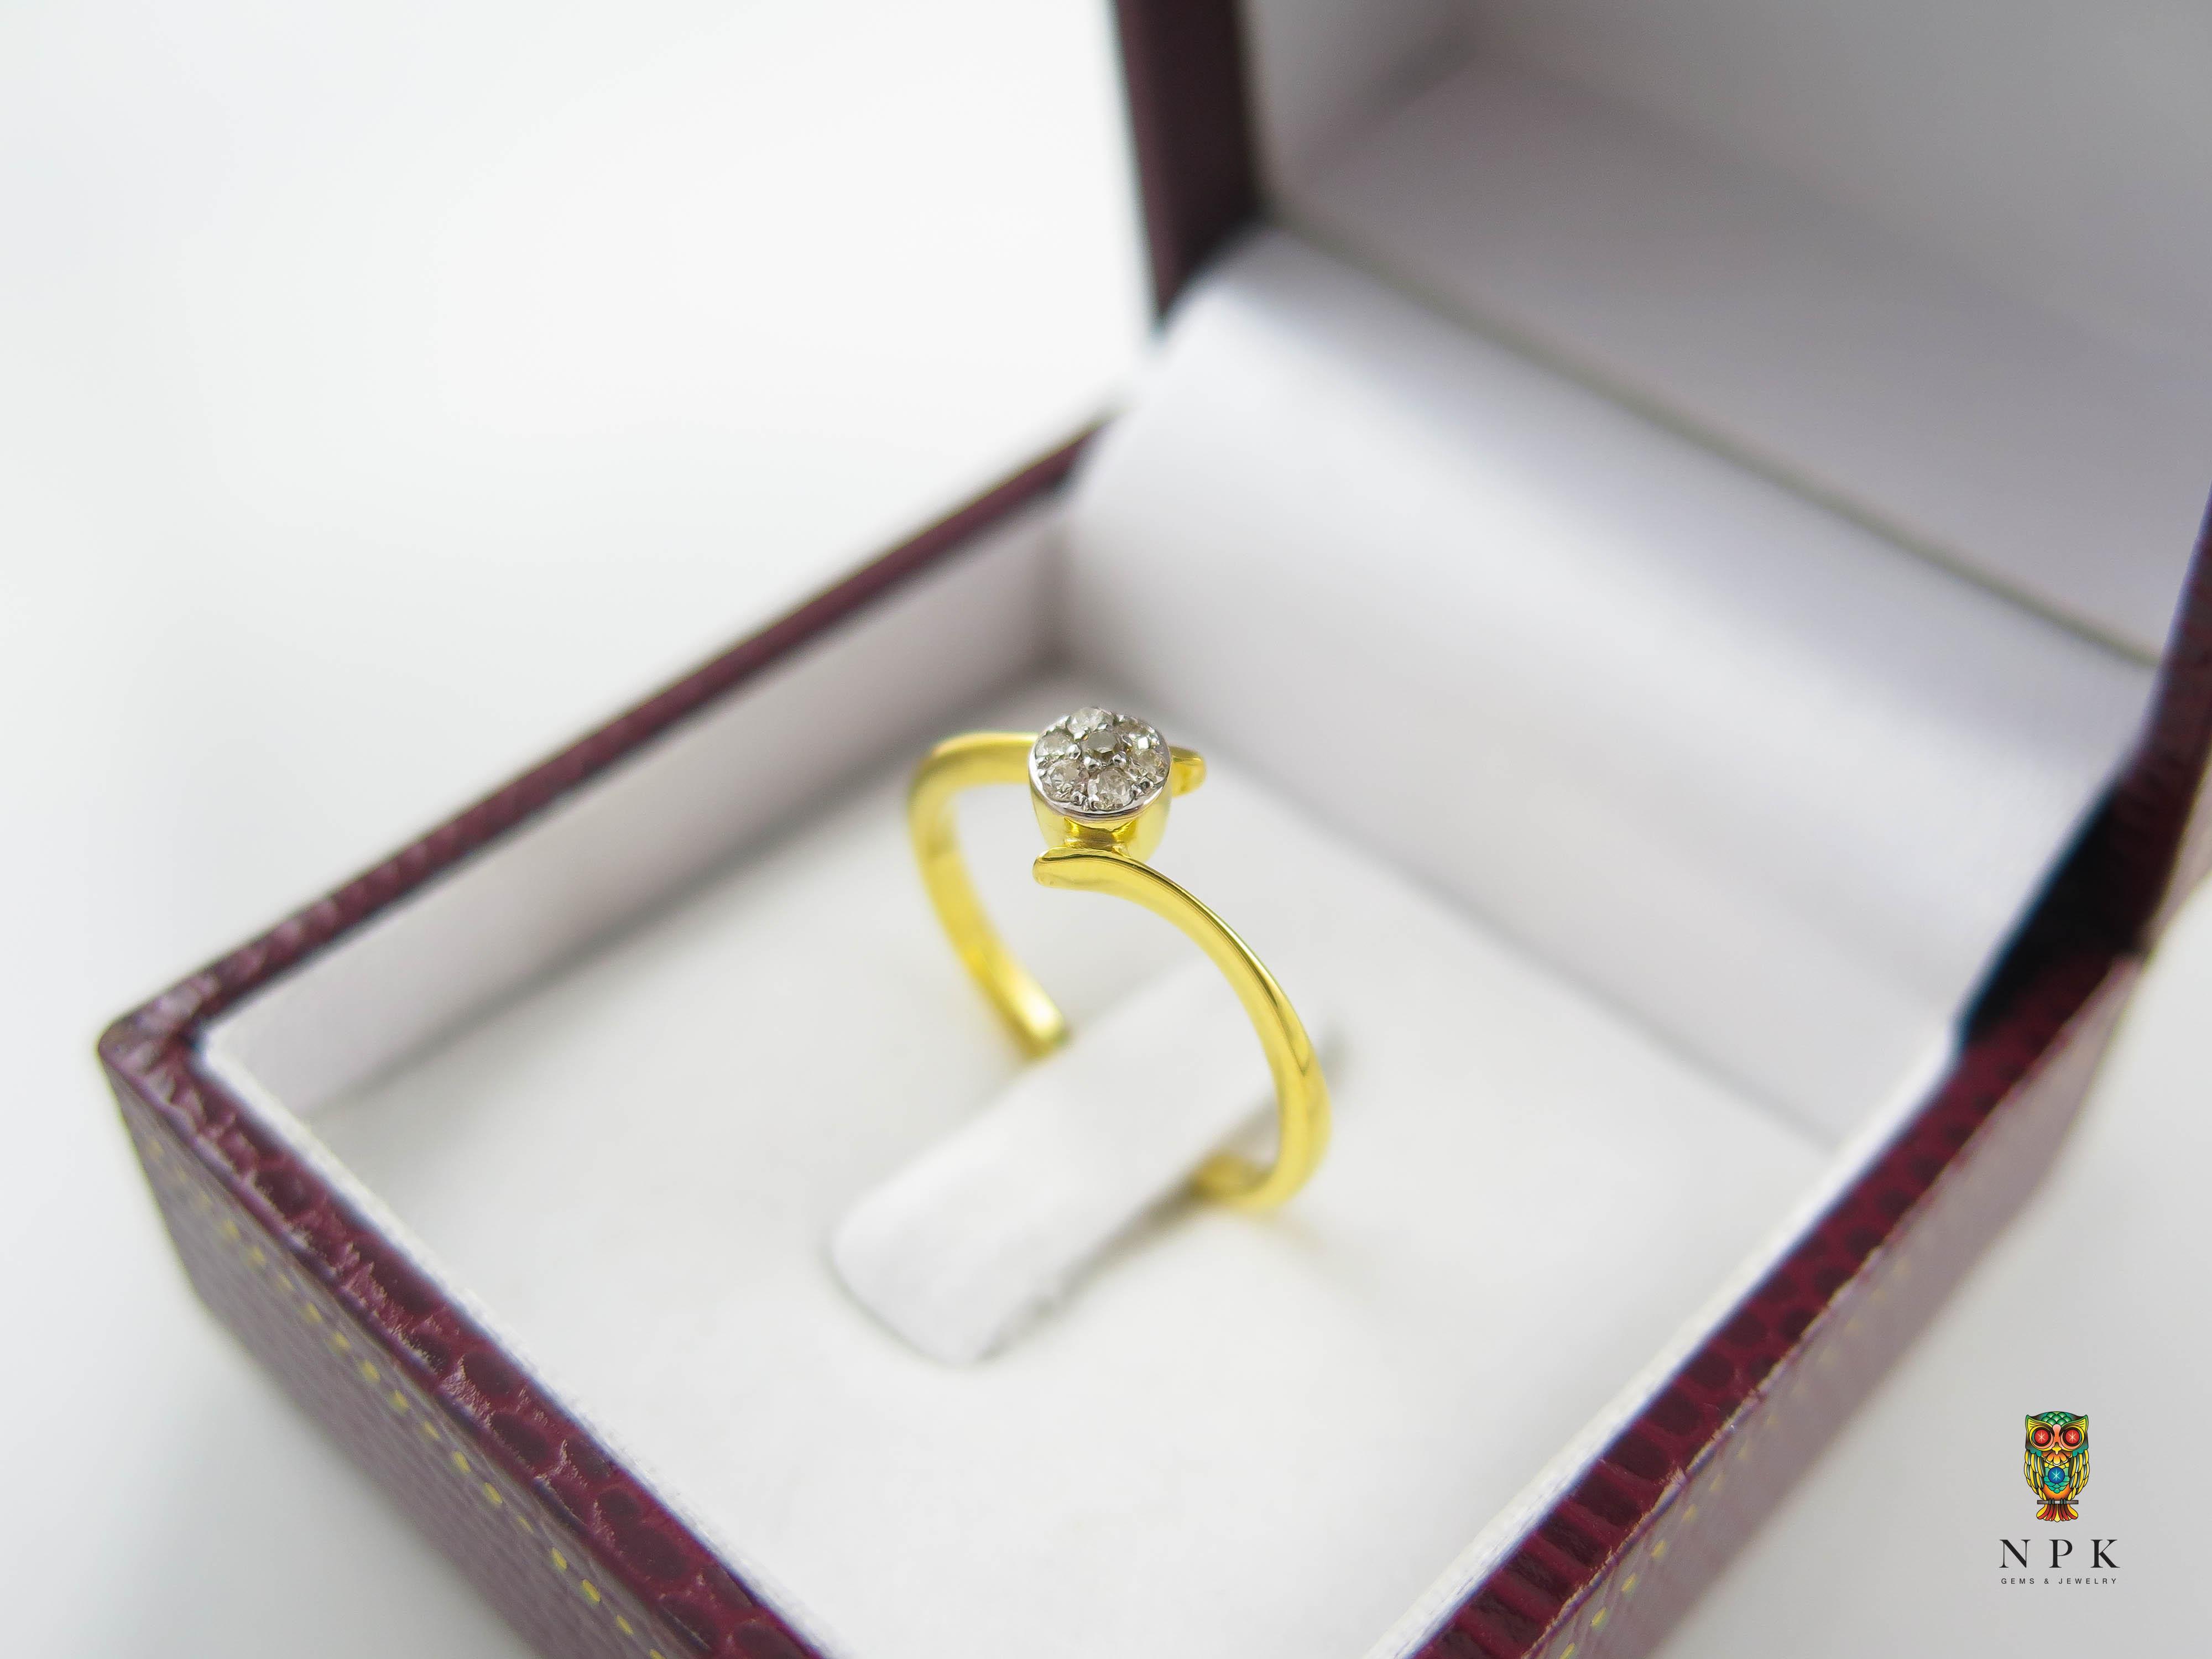 แหวนเพชรกลมประดับเพชรเม็ดเล็กๆ